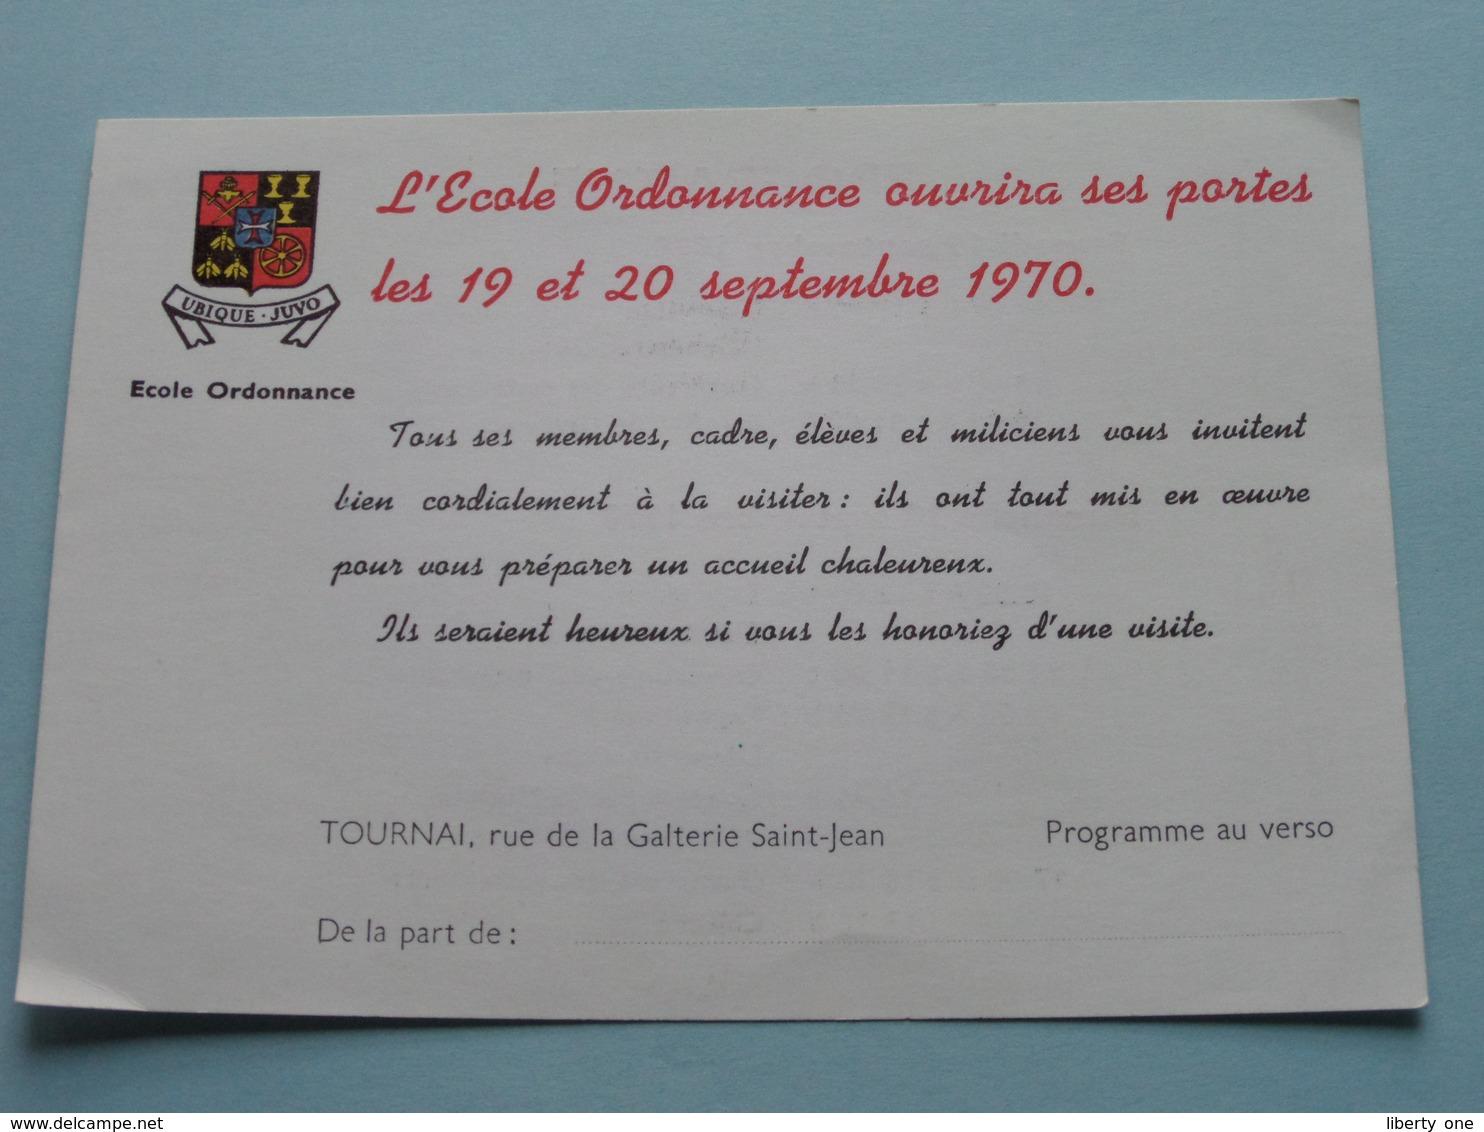 L'Ecole ORDONNANCE Ouvrira Sus Portes 1970 OPEN DEUR > TOURNAI > Programme ( Zie Foto / Voir Photo ) ! - Documents